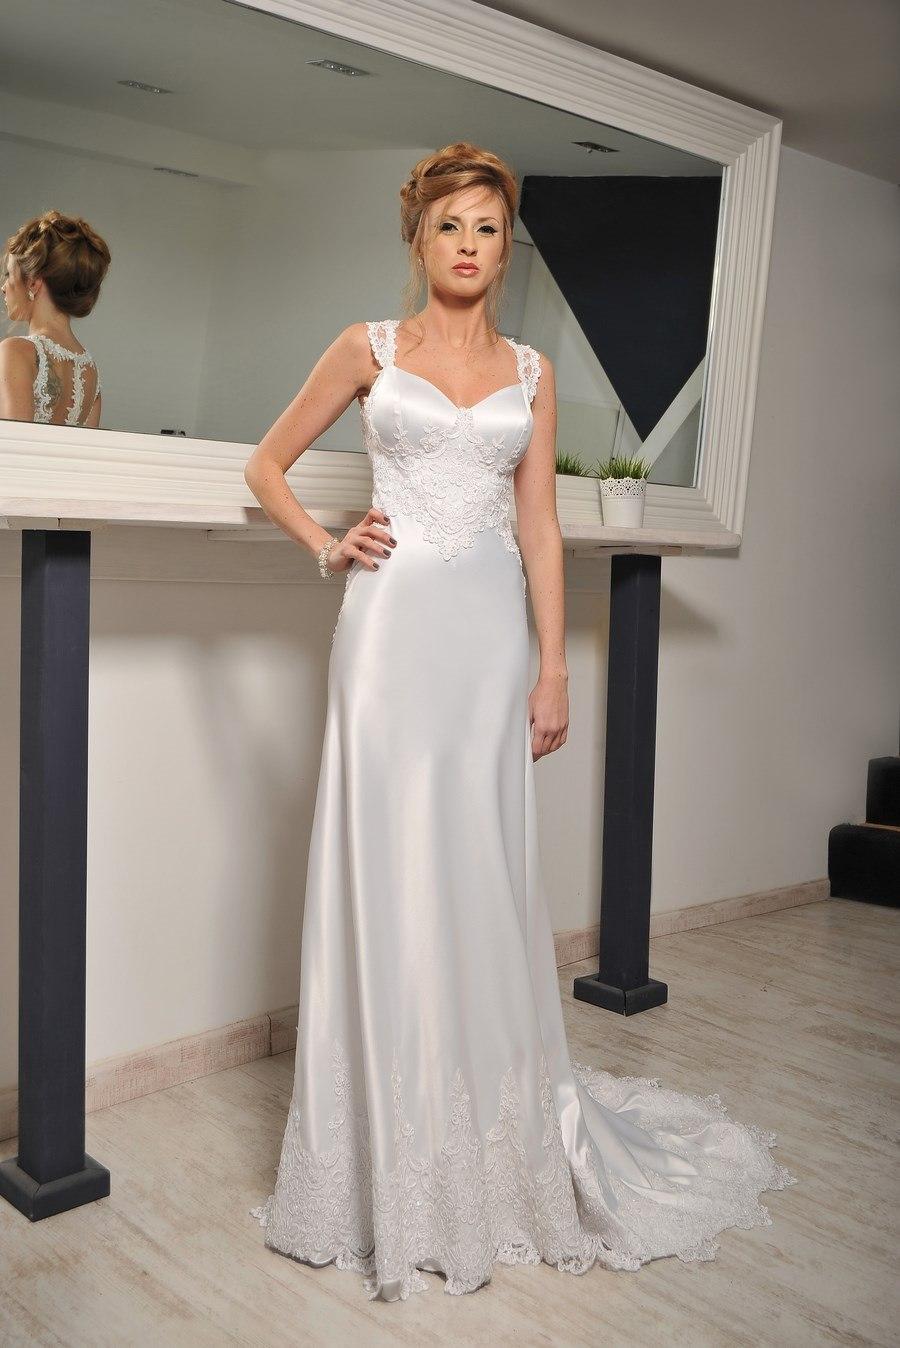 שמלת כלה: קולקציית 2019, שמלת סאטן, שמלה בסגנון רומנטי, שמלה בסגנון עדין, שמלה עם תחרה, שמלת משי, שמלה עם שובל, שמלה בגזרה גבוהה, שמלה בצבע לבן, שמלת מקסי - עידן בלבן